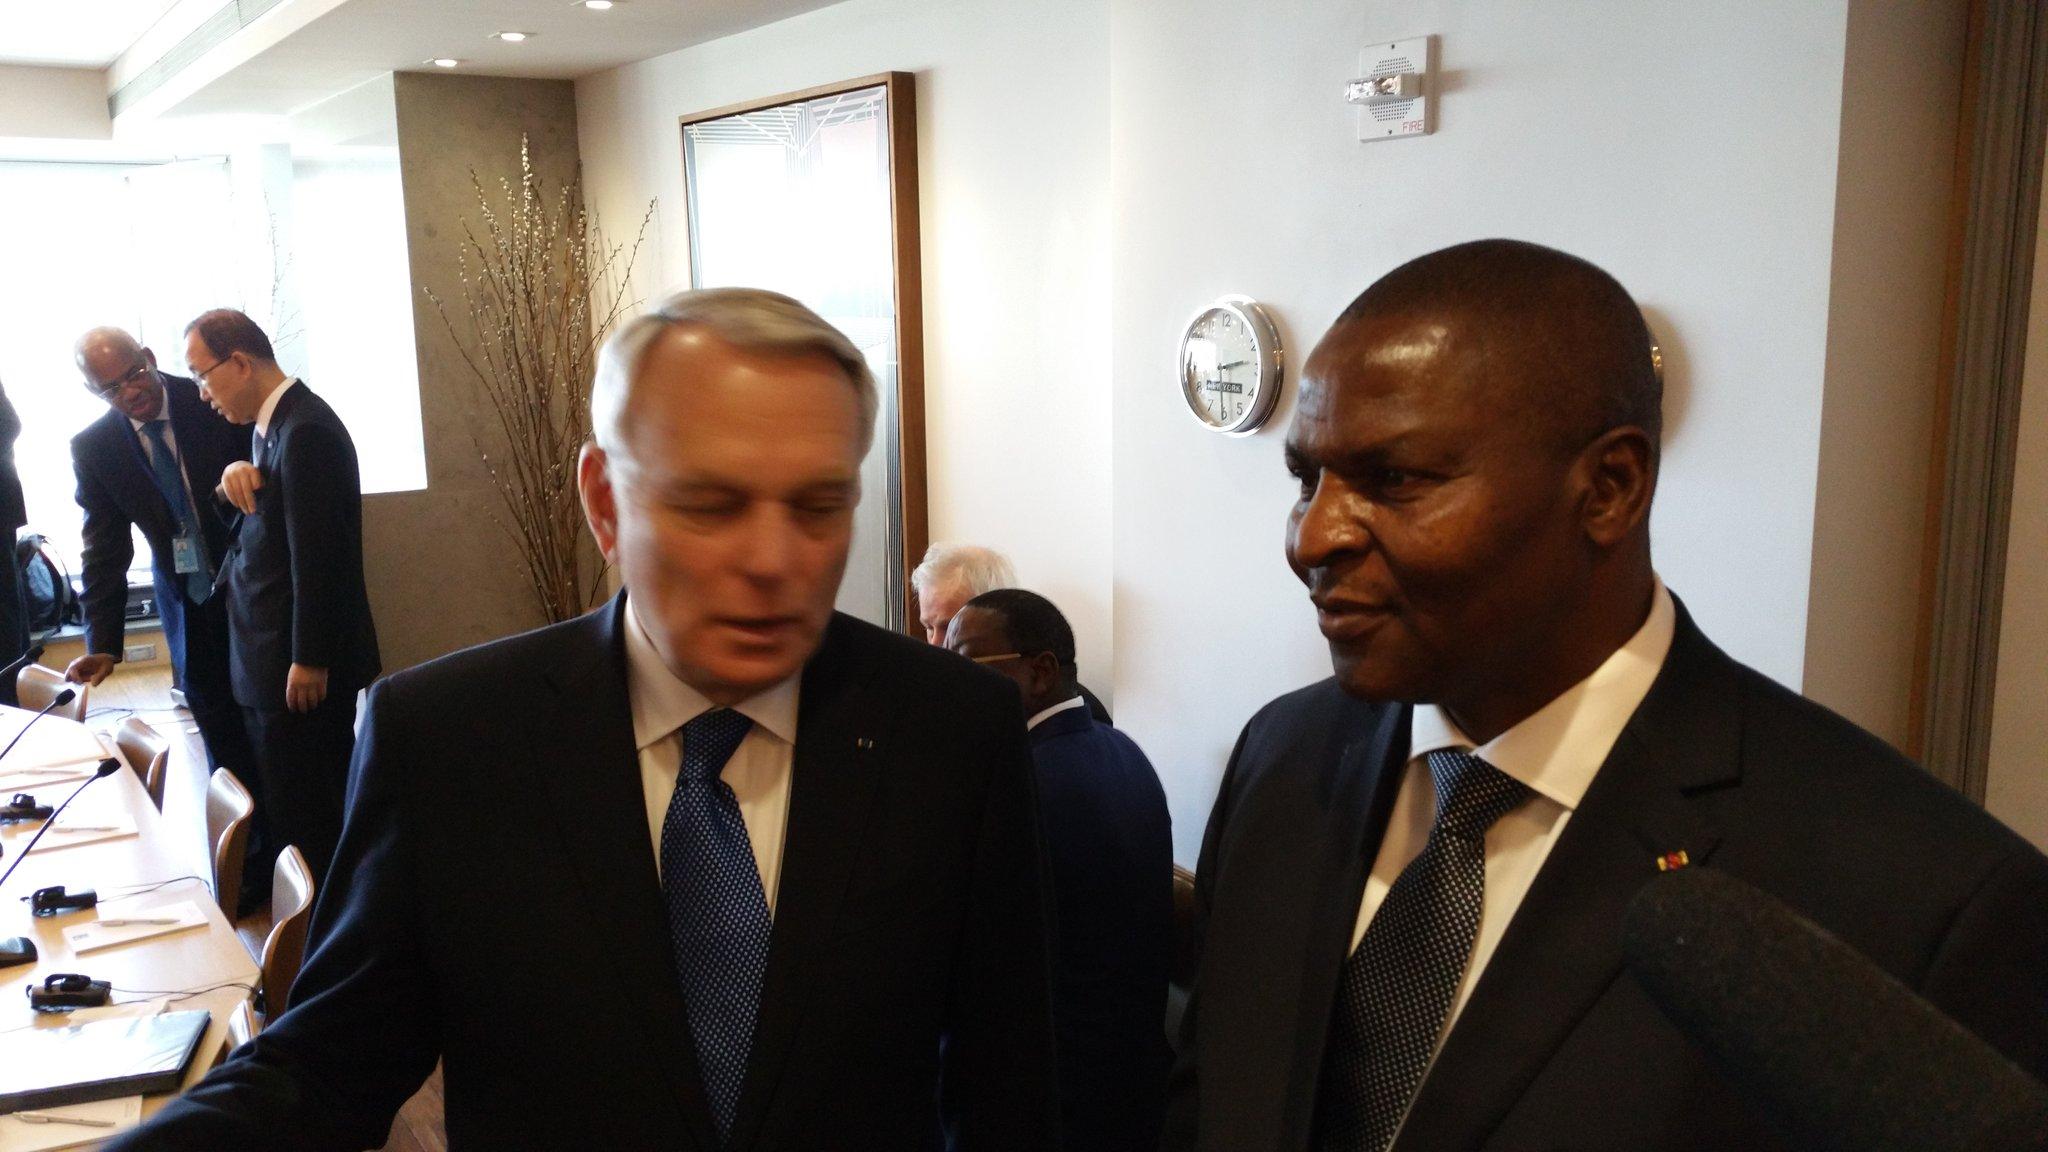 .@jeanmarcayrault et le Président de RCA participent à une réunion sur le maintien de la paix en Afrique https://t.co/Gesw8jmvzt